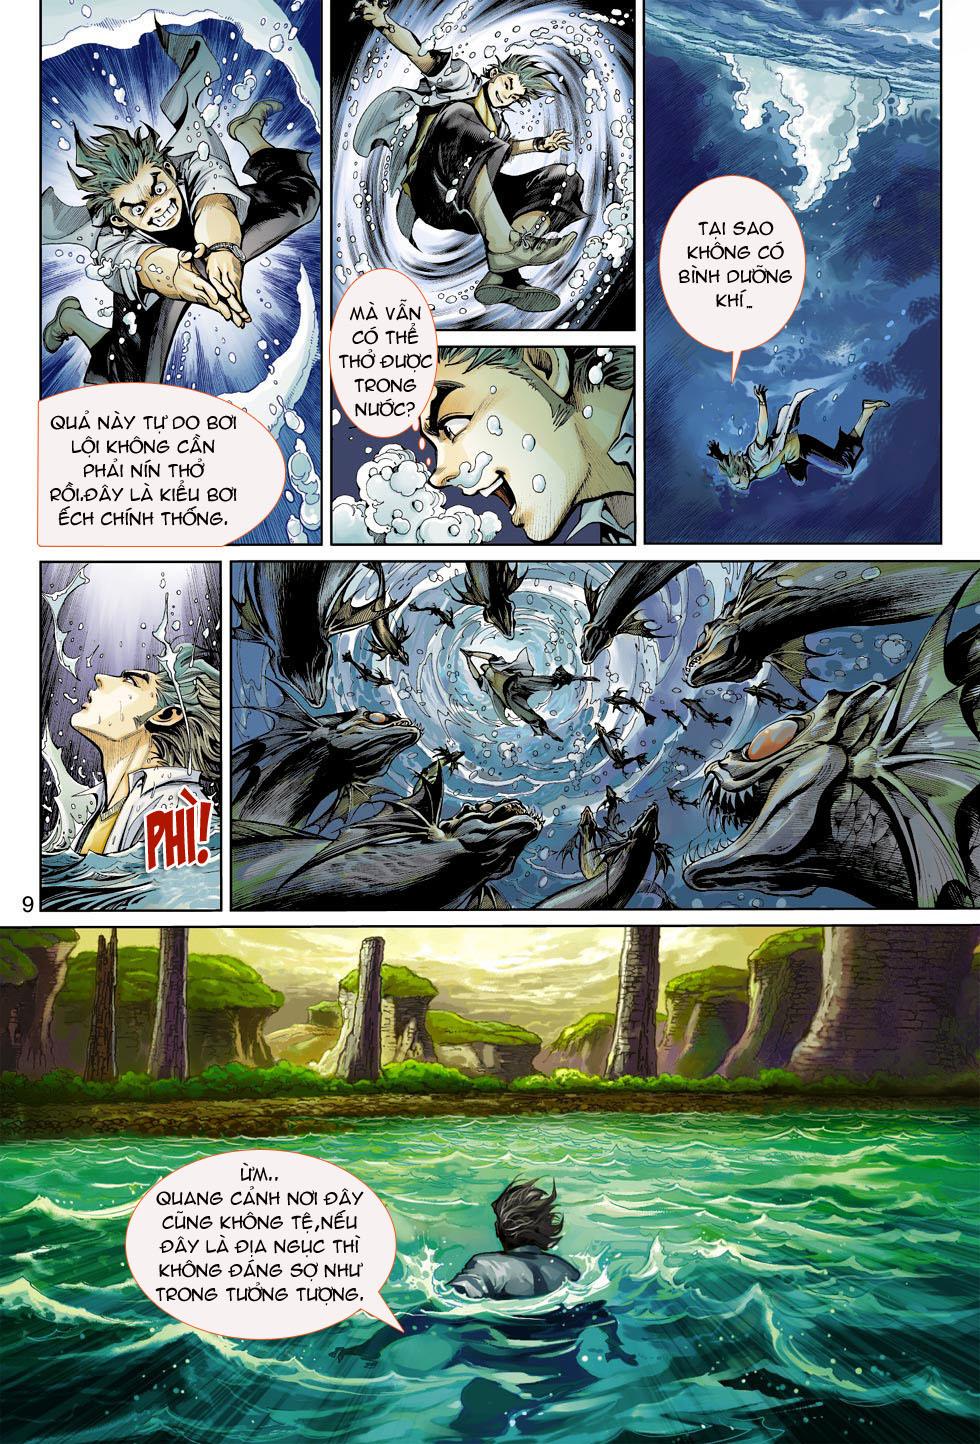 Thần Binh 4 chap 4 - Trang 9